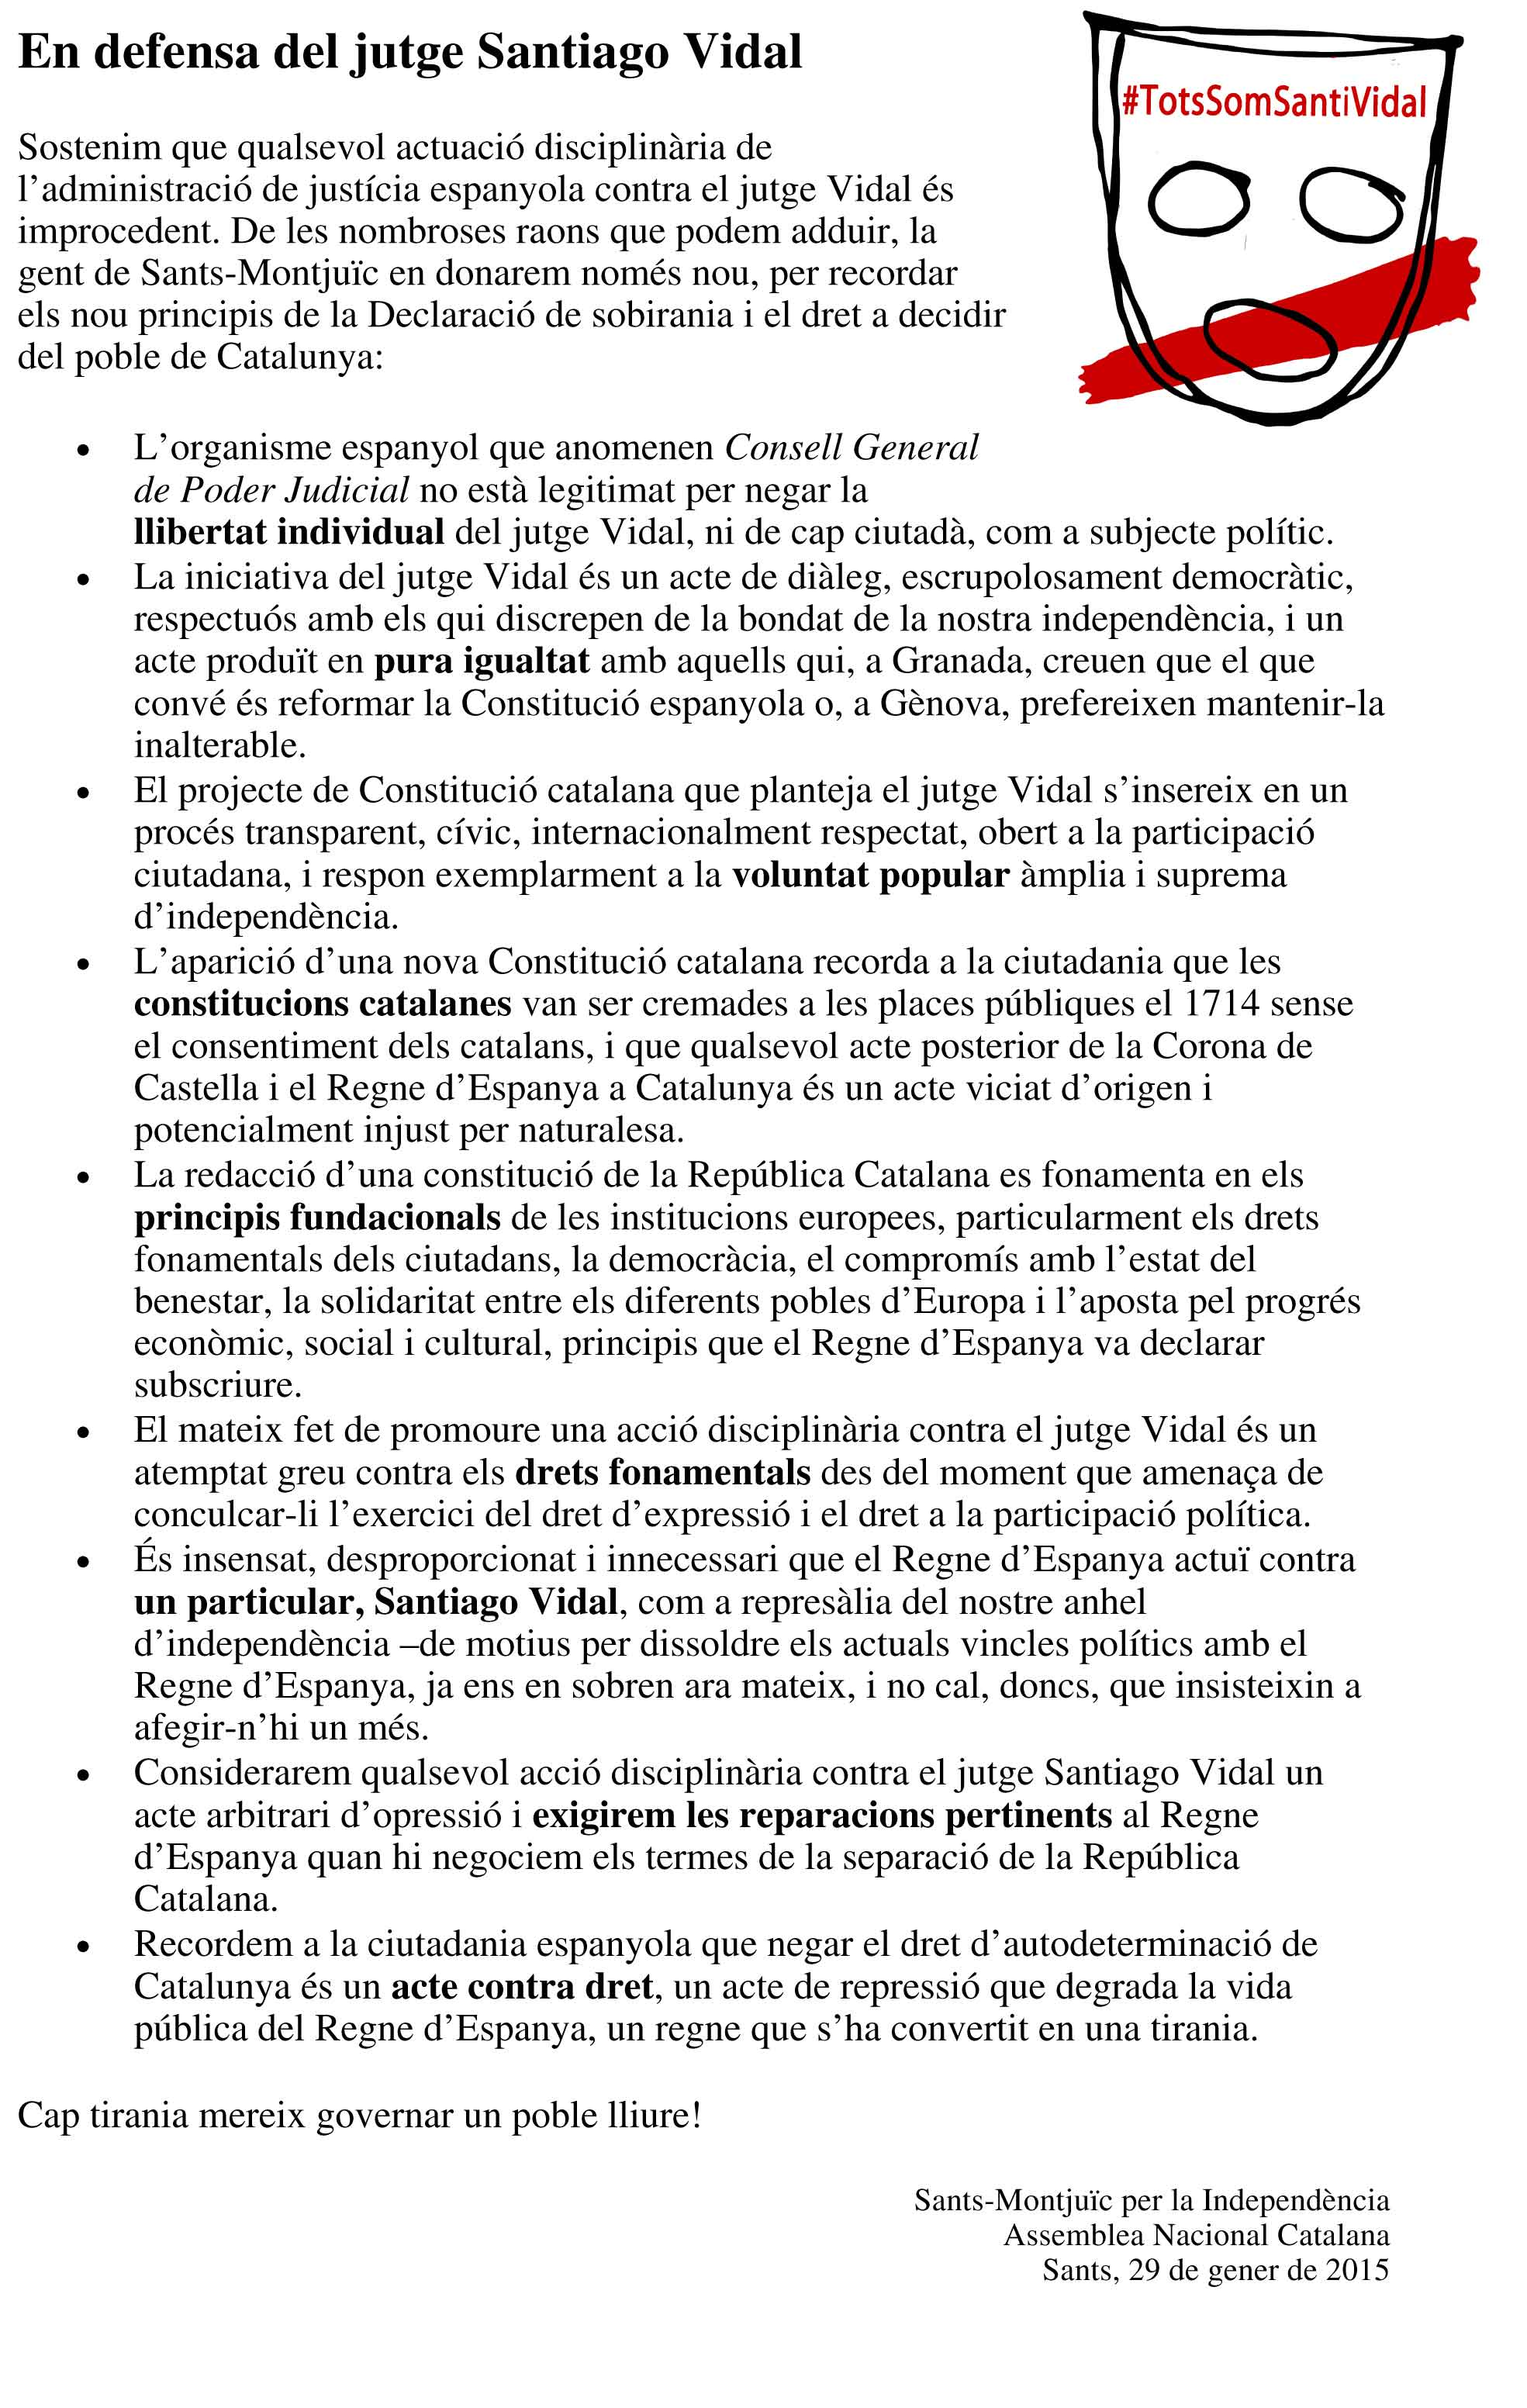 Santi_Vidal_full